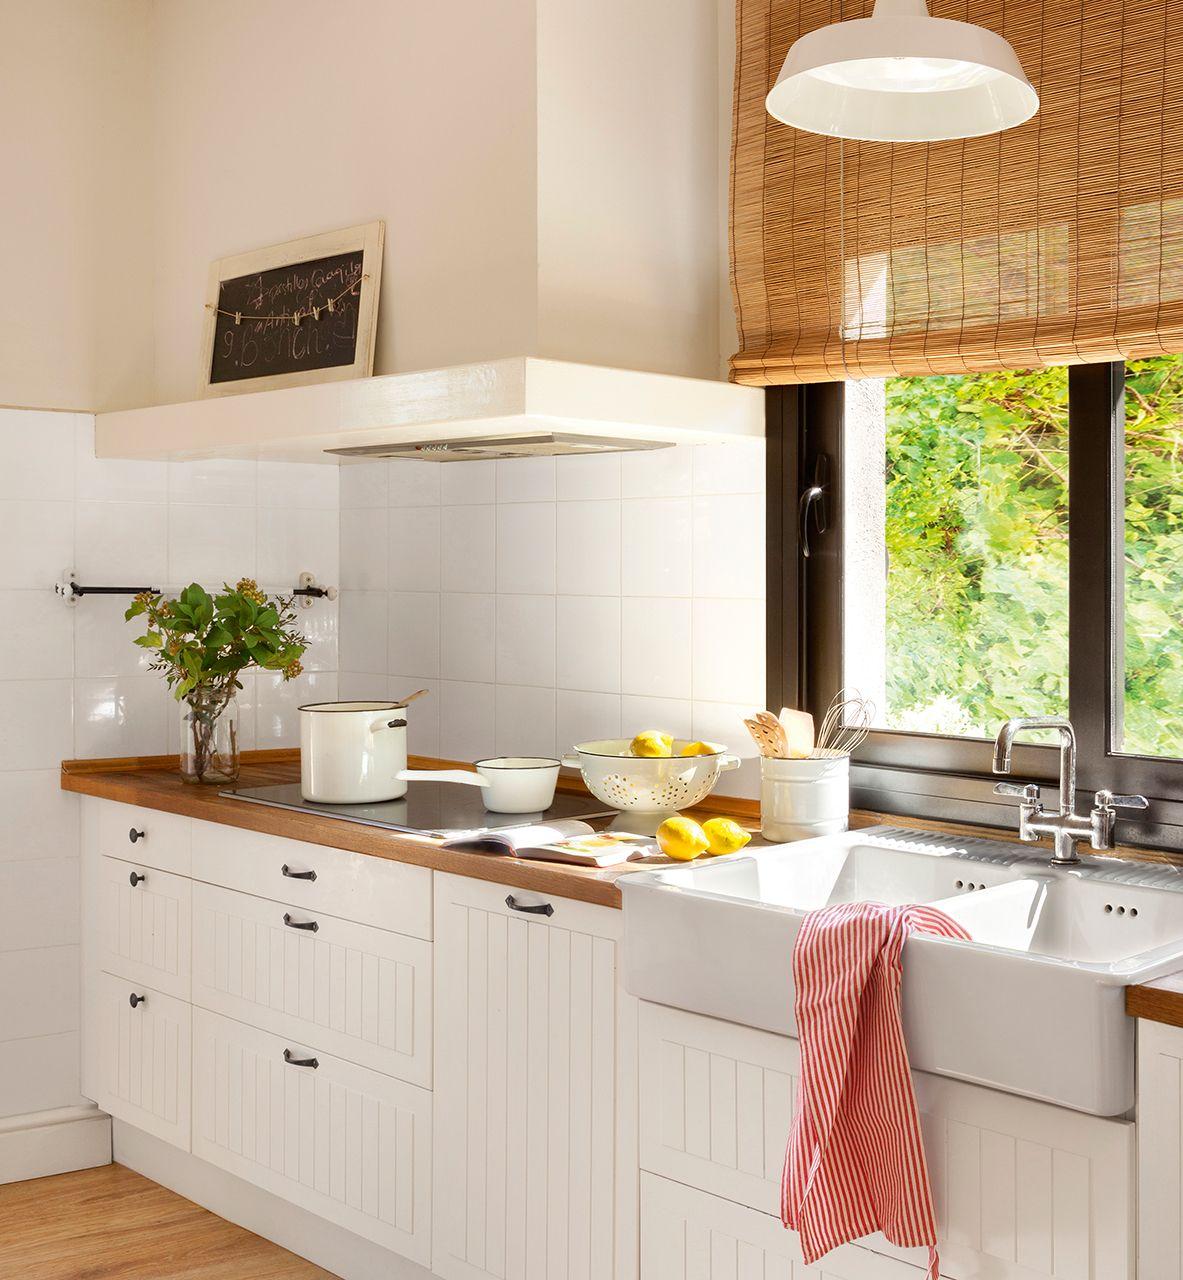 Cocina-office con península y vinoteca insertada | Pantallas de ...